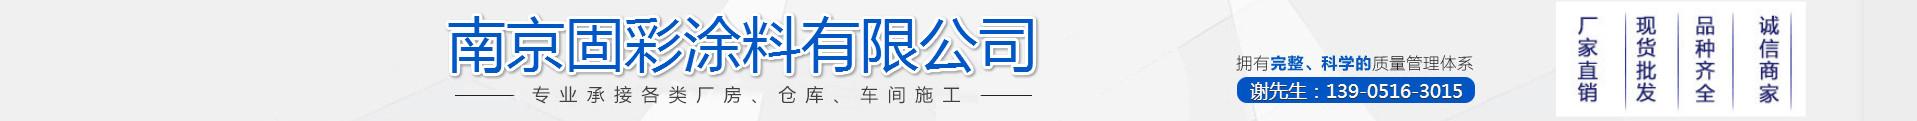 南京固彩塗料有限公司